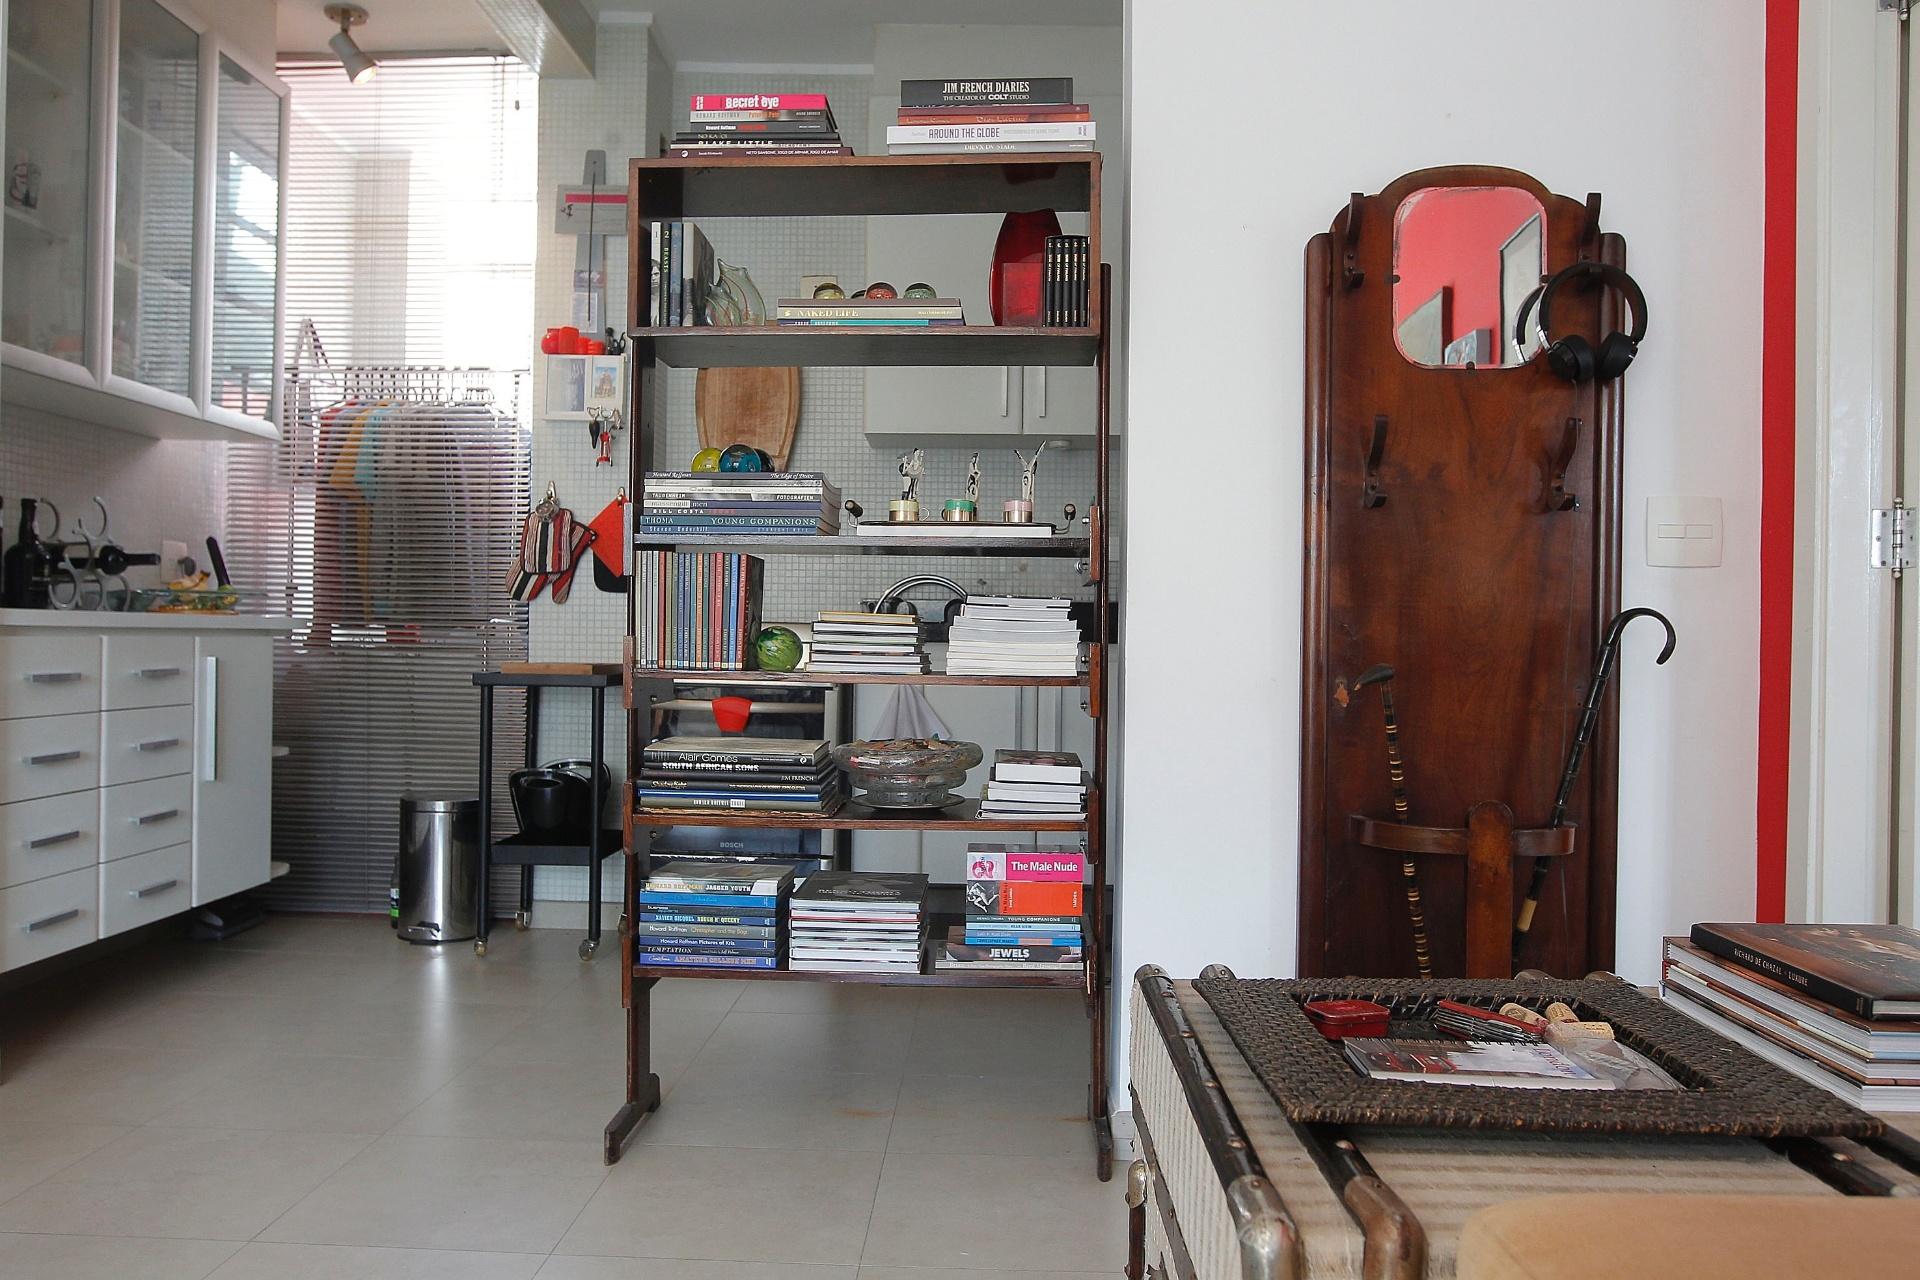 Na entrada da sala de estar do apê do ator Nico Puig, uma antiga chapeleira. Na cozinha ali ao lado, os móveis são novos e planejados. Para fazer a divisão dos ambientes, uma singela estante que apoia livros e outros objetos